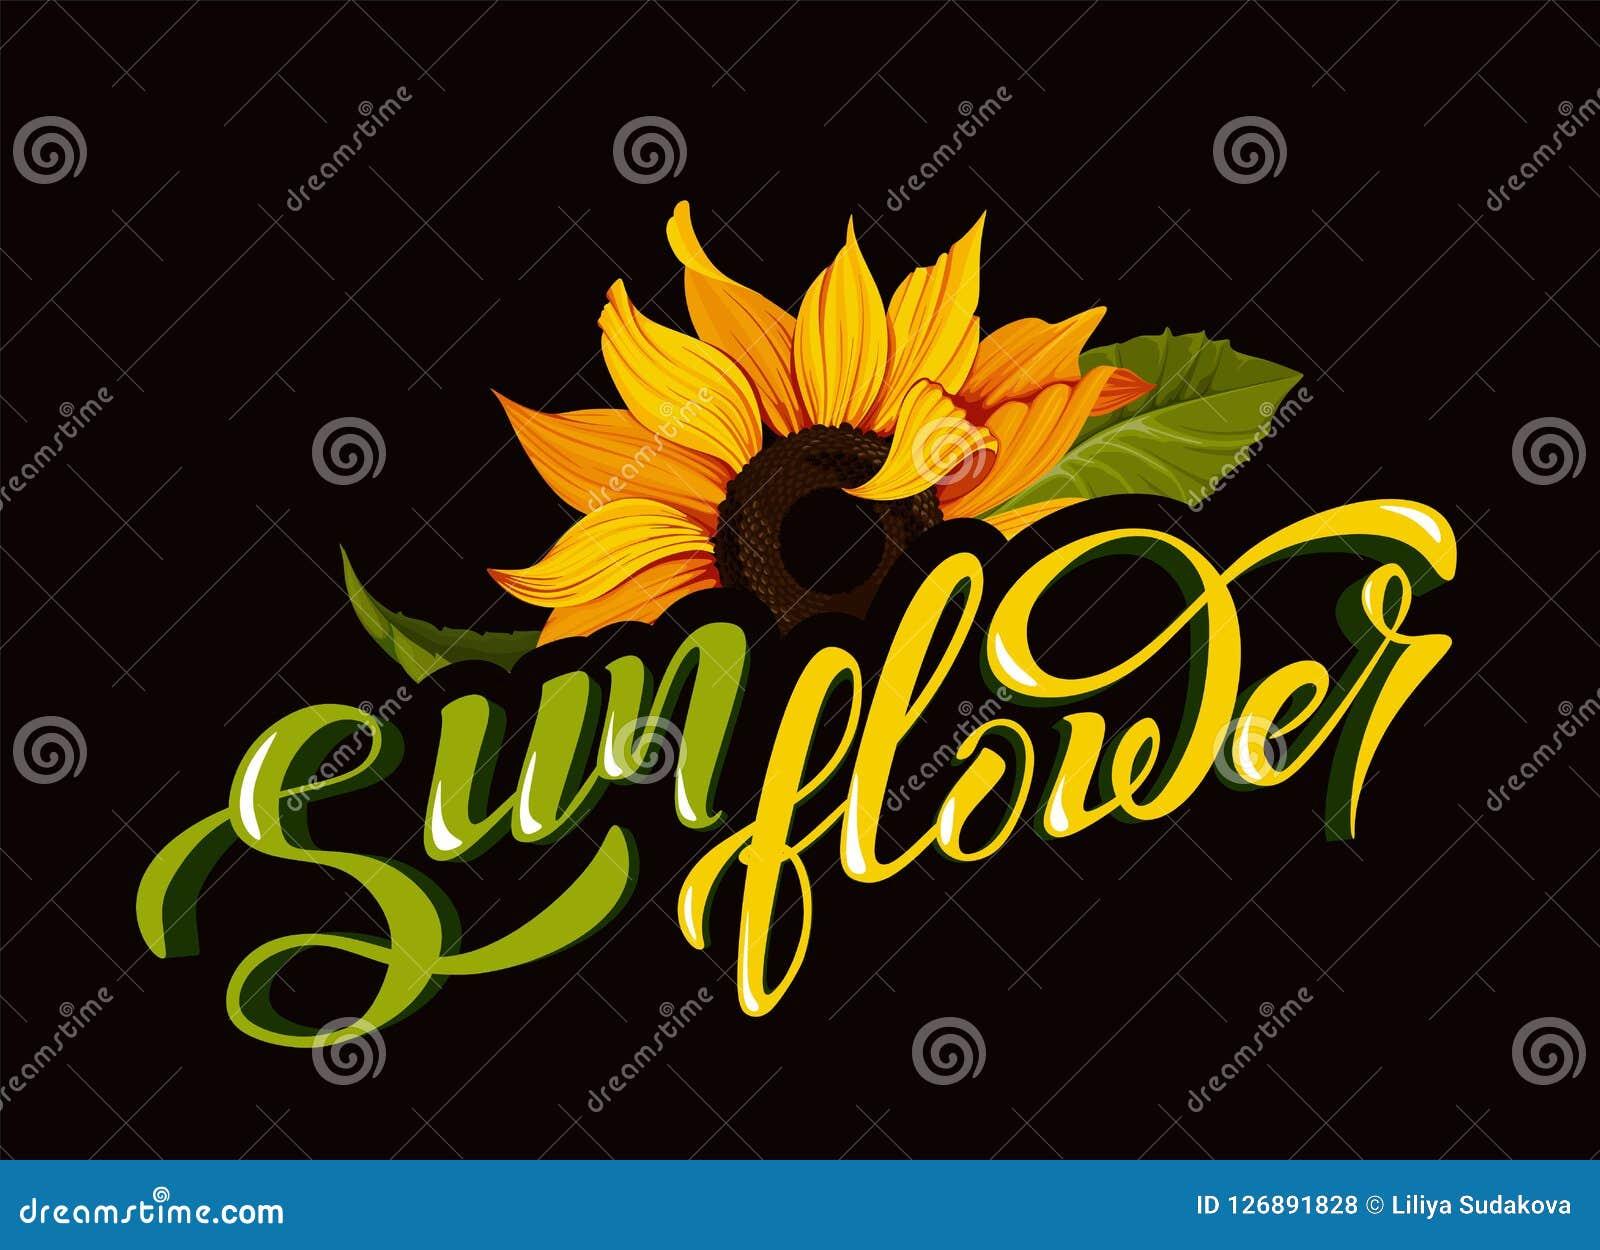 Clip art del vector del girasol con el ejemplo de la botánica del otoño del amarillo del nombre de la flor de la caligrafía de la